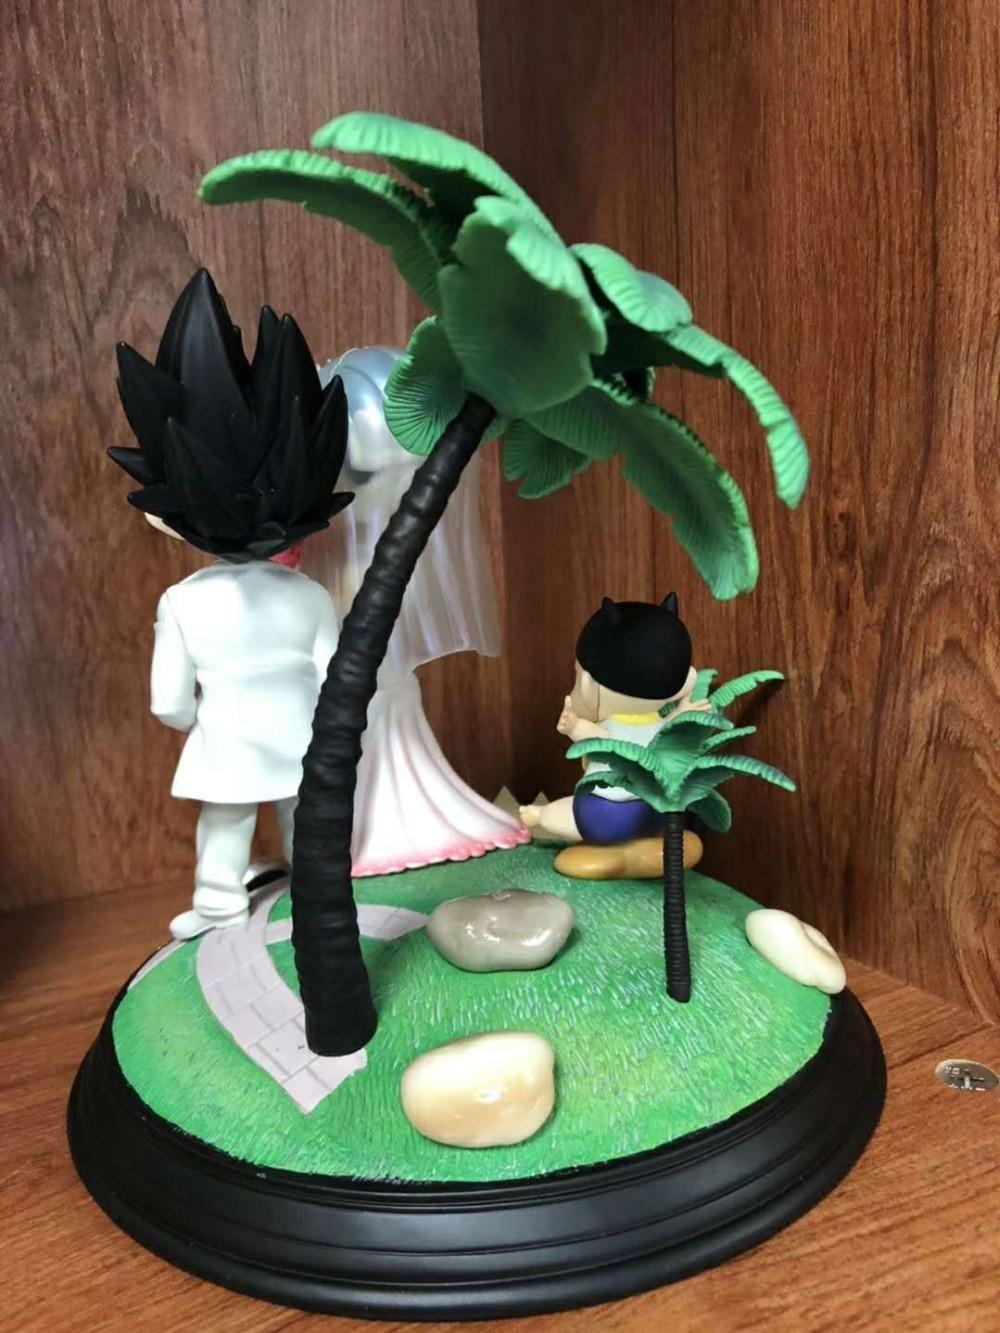 Горячий Жемчуг дракона Супер Saiyan принц Вегета Bulma женится на свадьбе день бурума детские трусы сцена фигурка игрушки лучший подарок - 4